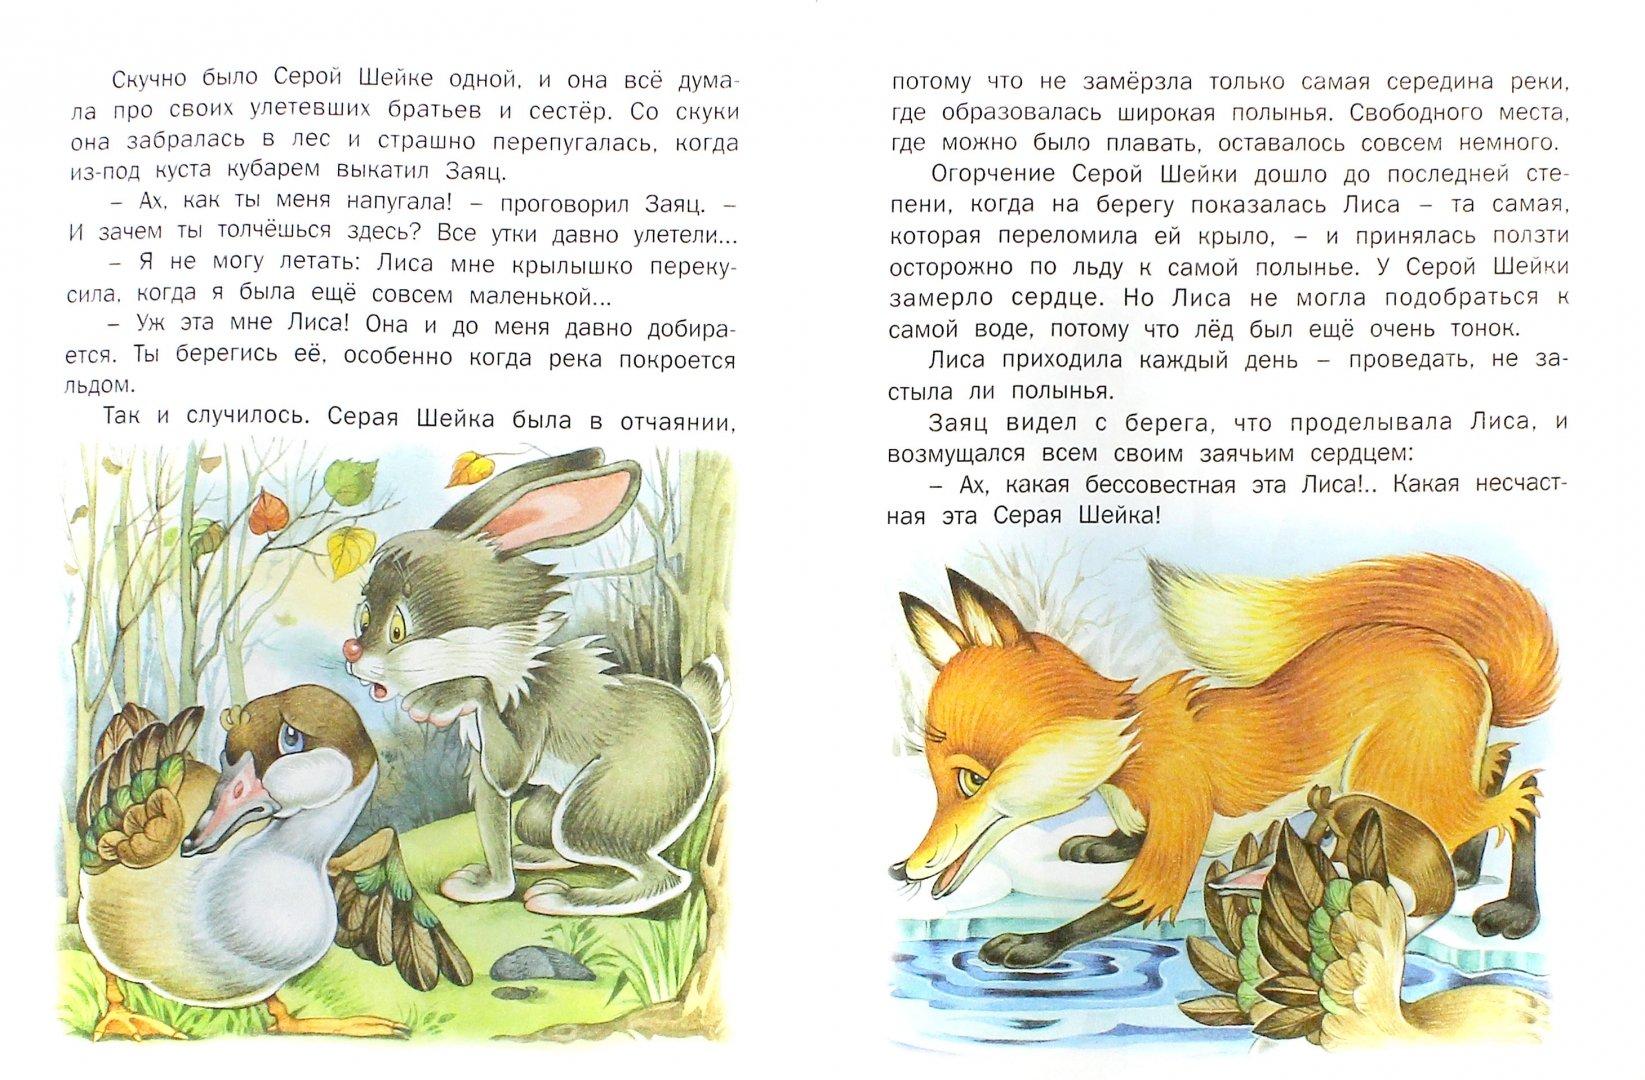 высыпьте сказка серая шейка распечатать с картинками любят зайцев